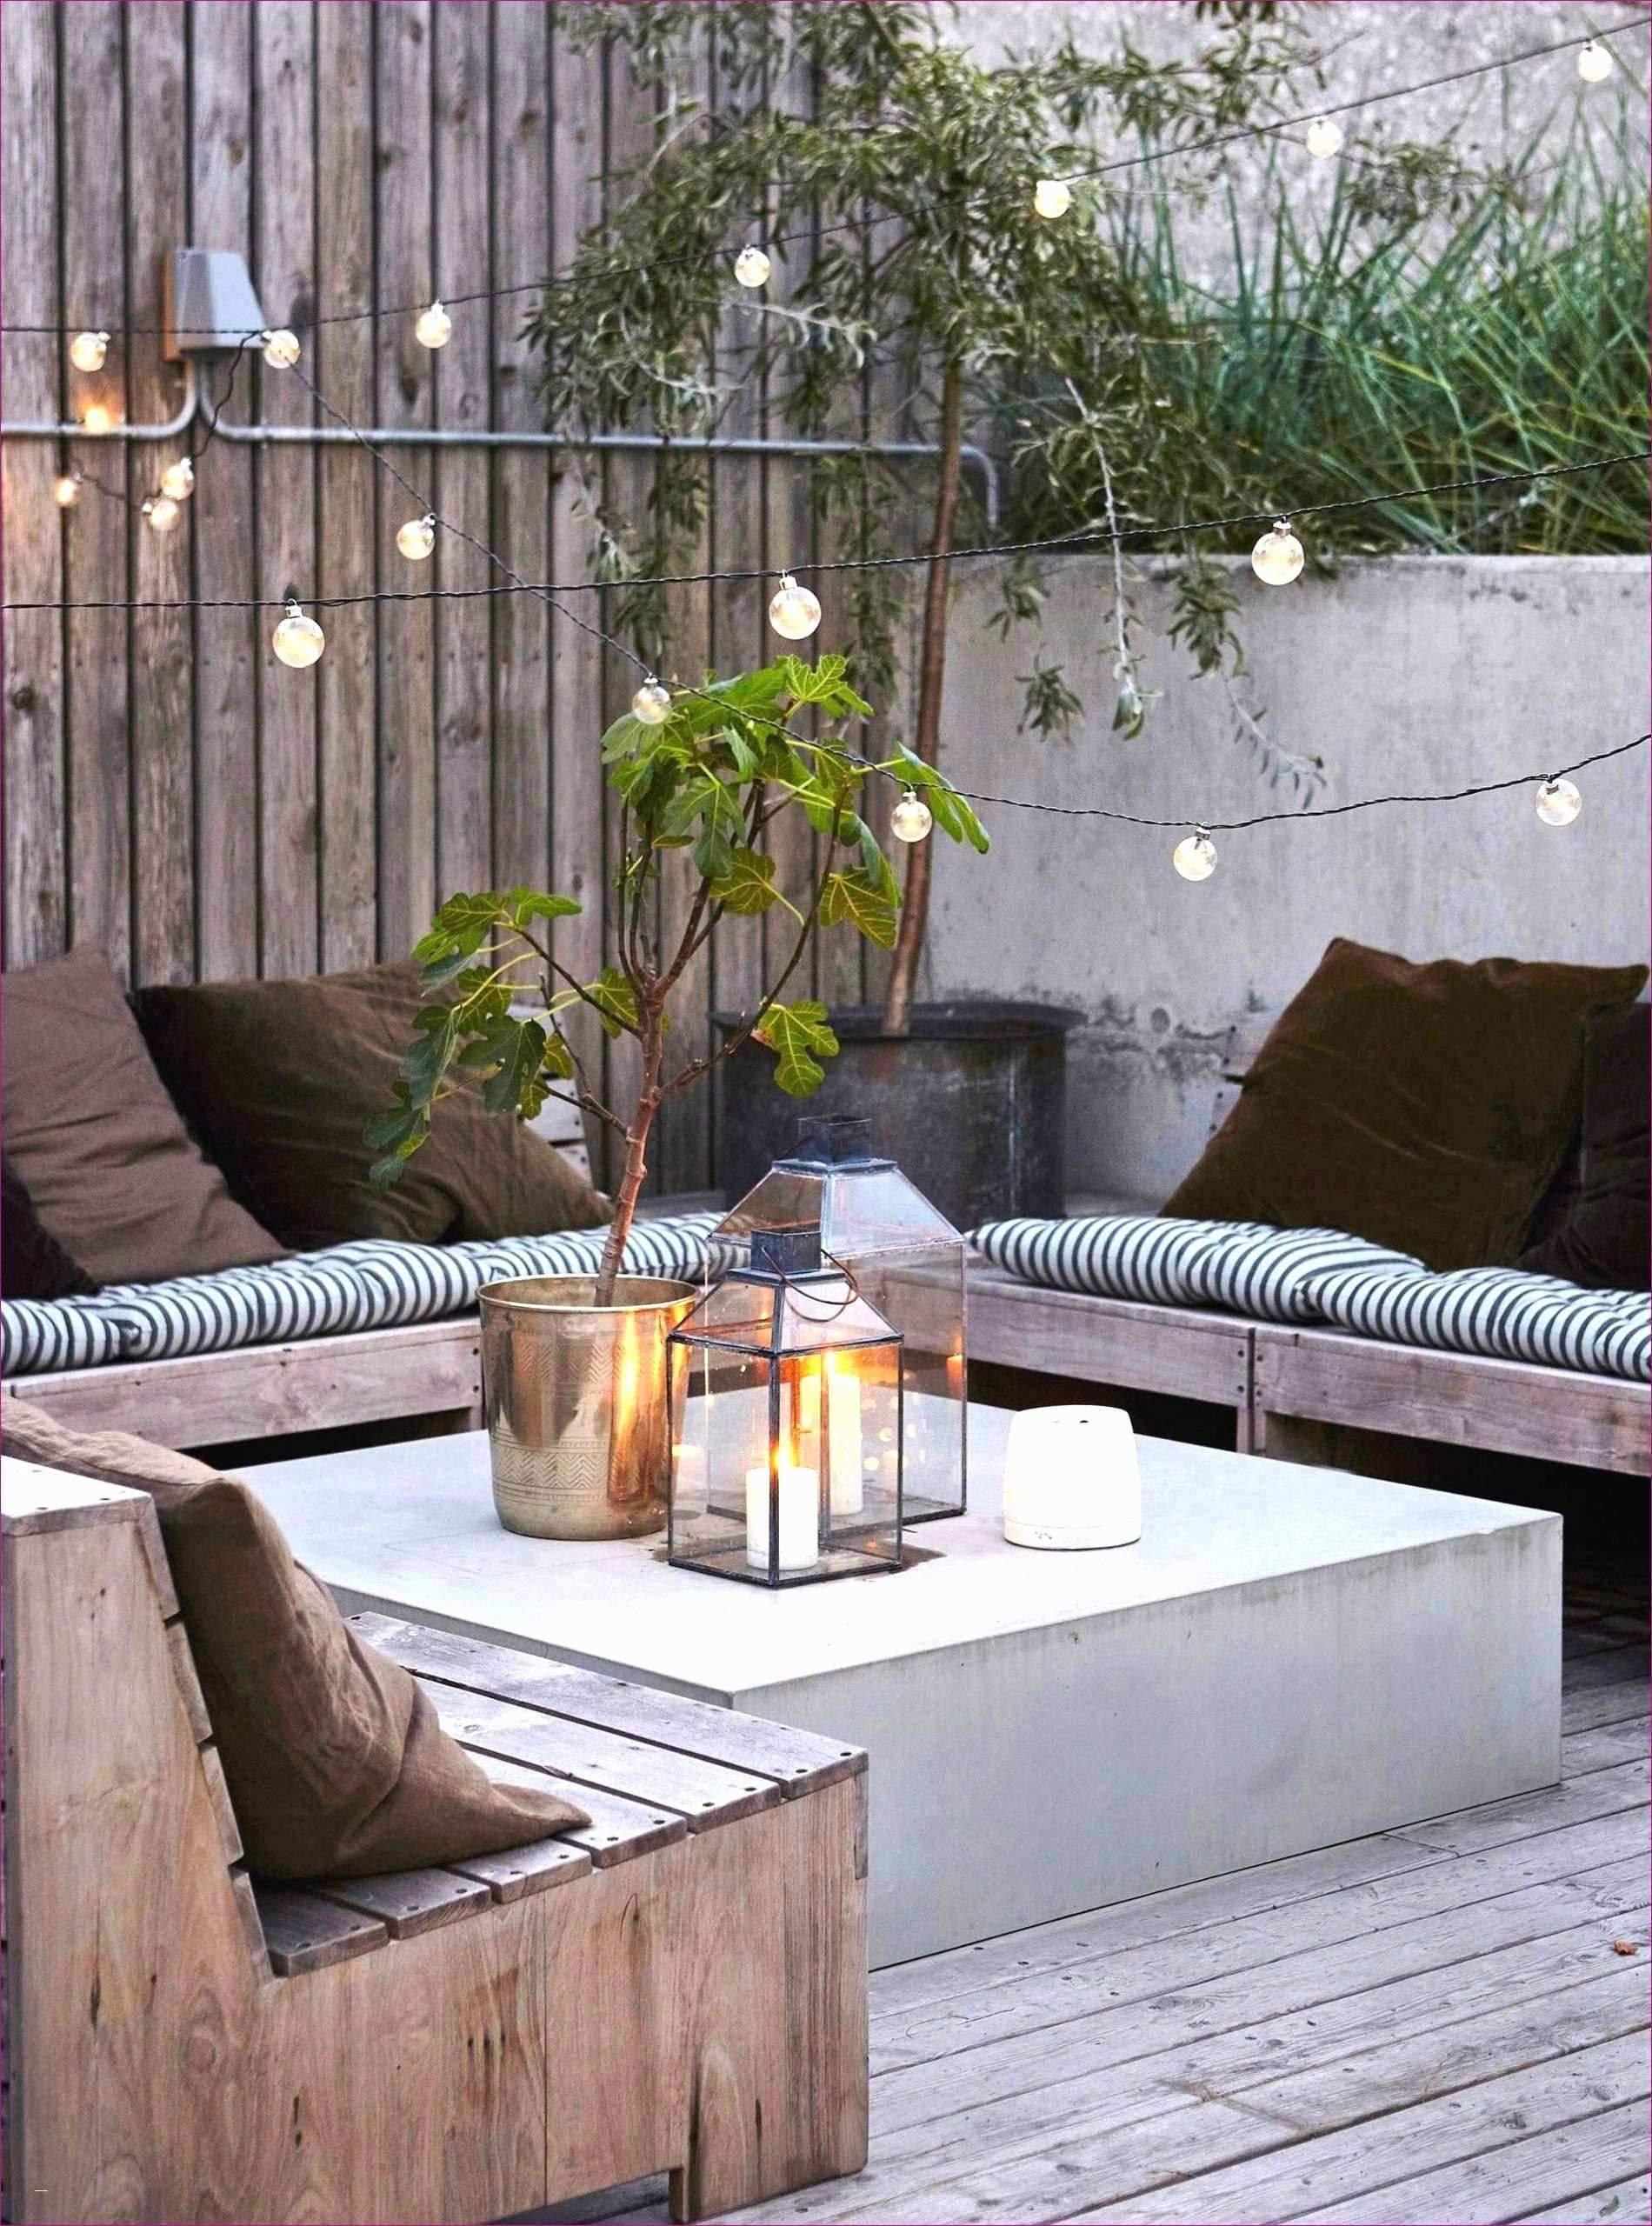 Full Size of Wohnzimmer Deko Ideen Instagram Pinterest Ikea Holz Silber Wand Grau Modern Ecke Im Dekorieren Luxus 60 Genial Tapete Deckenleuchten Sideboard Fototapeten Wohnzimmer Wohnzimmer Deko Ideen